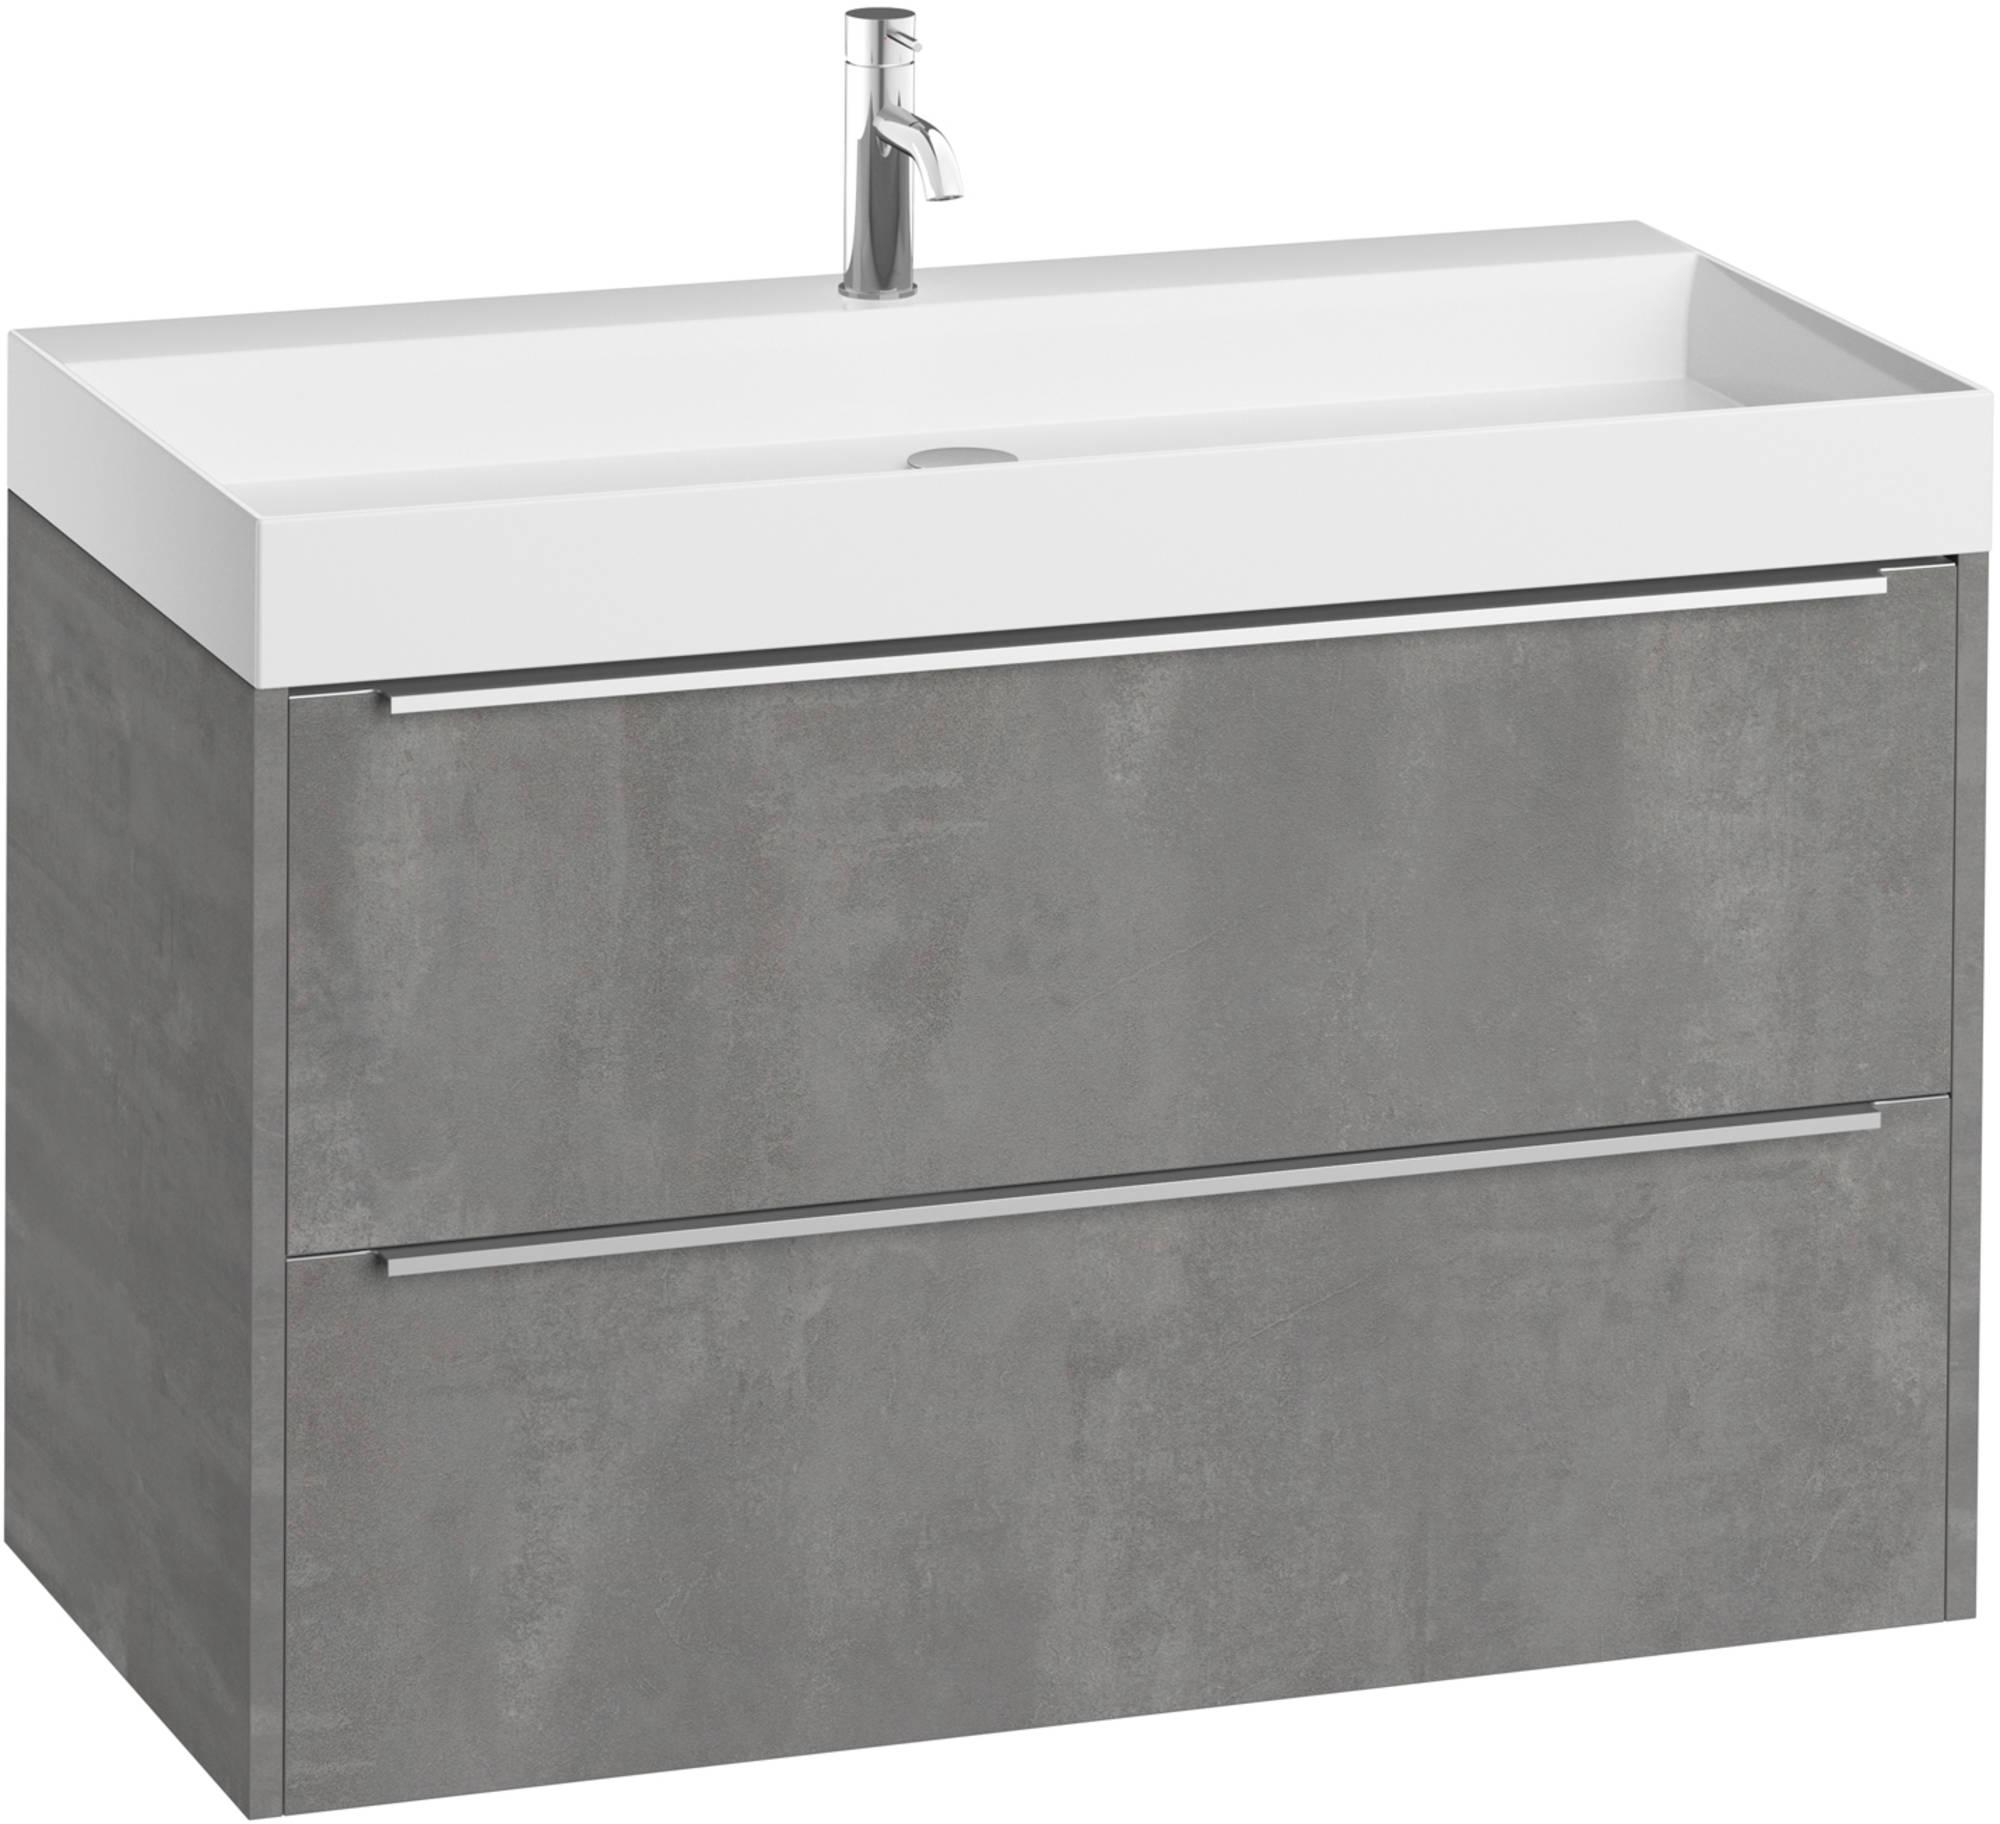 Saniselect Socan meubelset 2 lades hoge mineraalmarmeren wastafel 100cm 1 kraangat Beton Grijs/Chroo